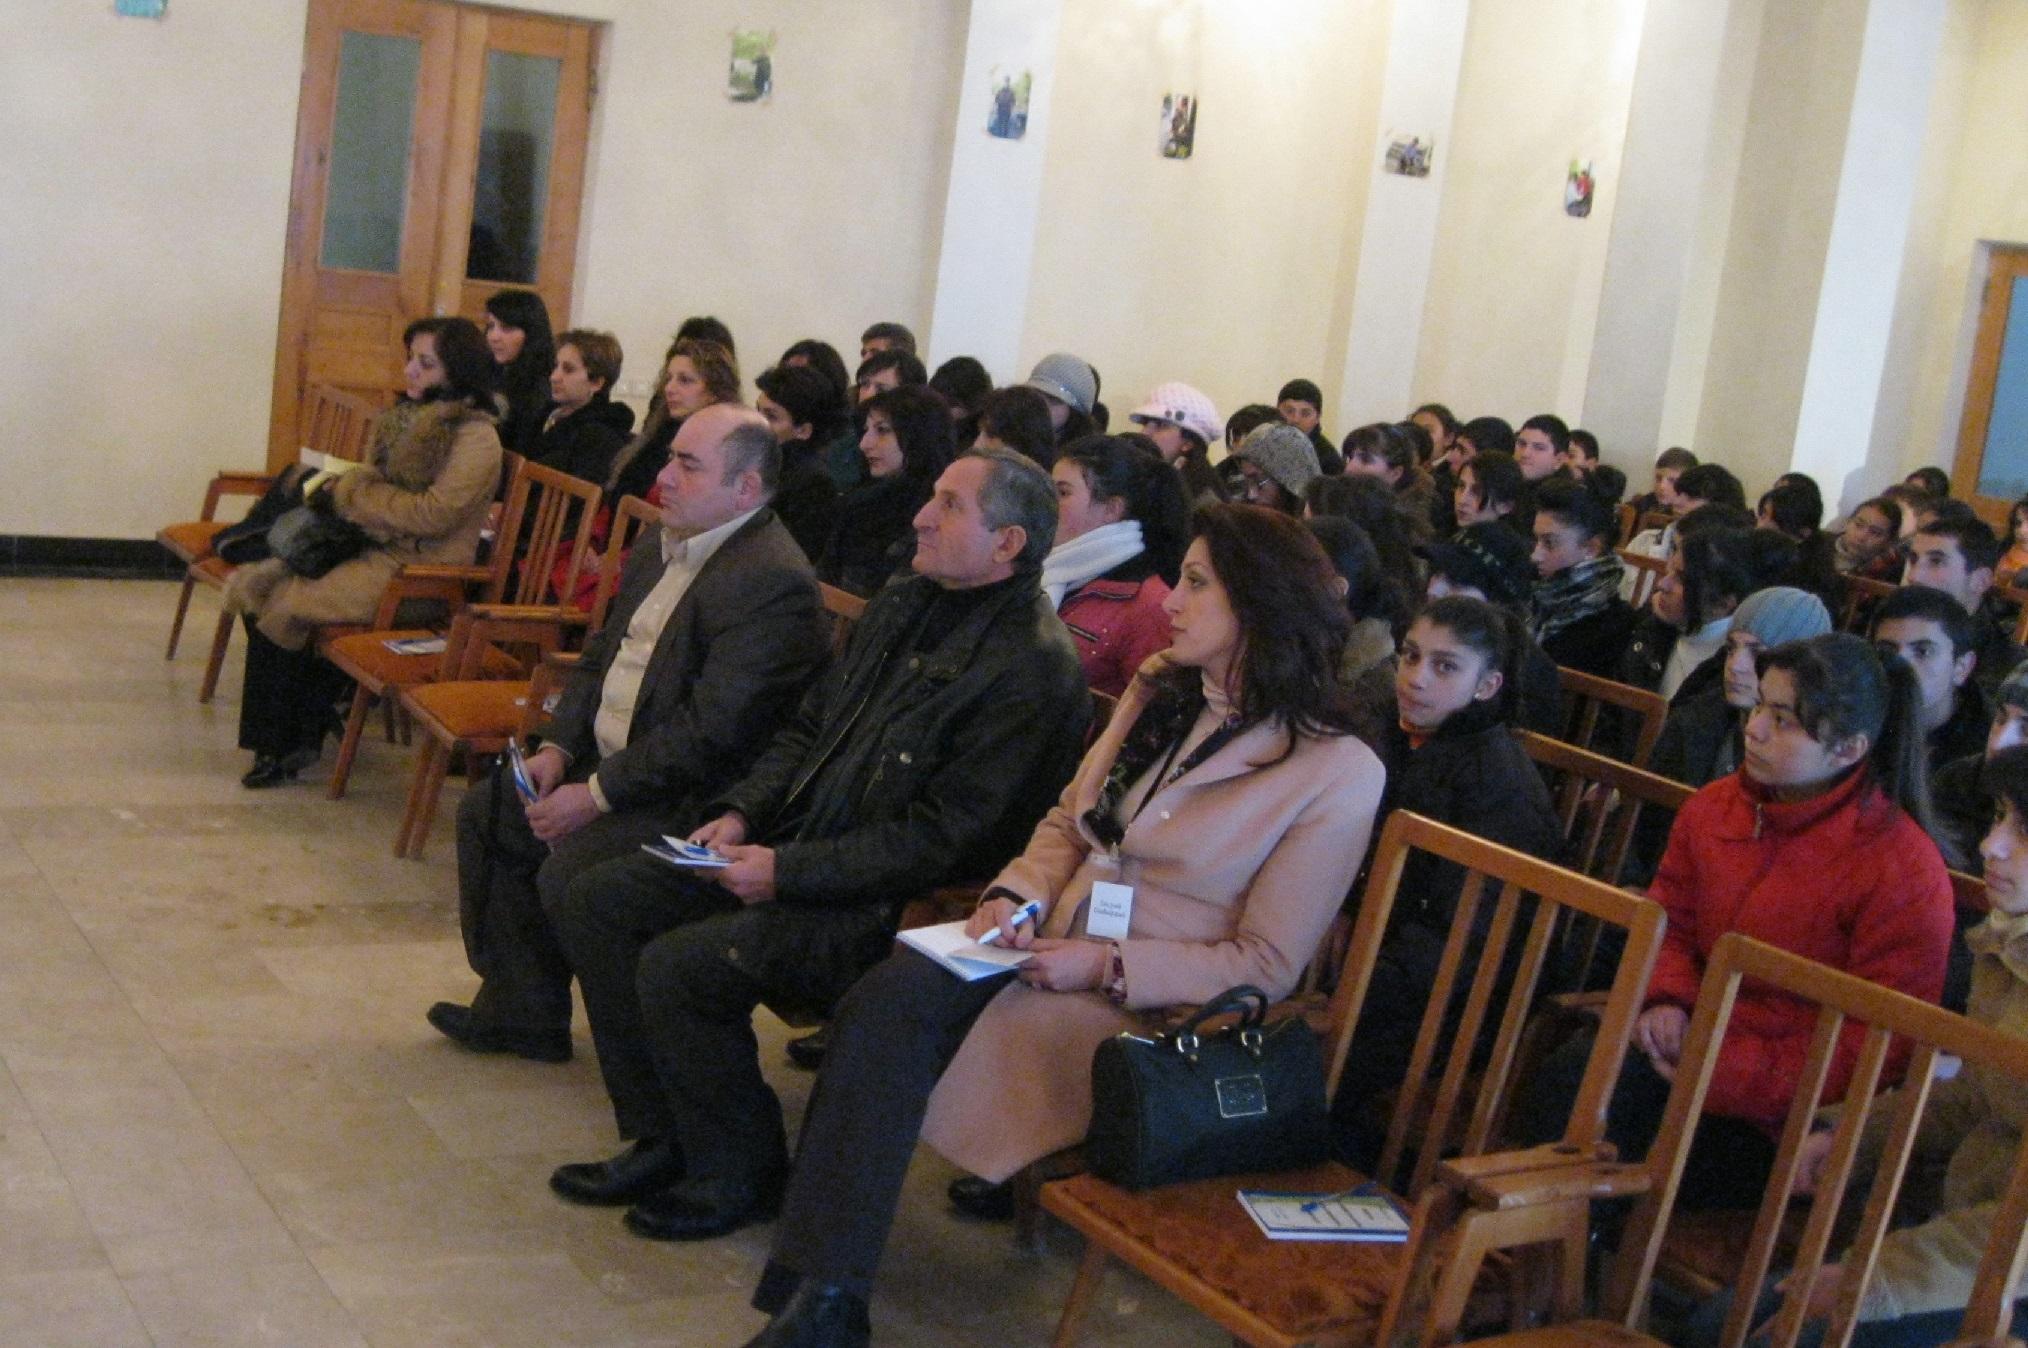 Գյուղի երիտասարդության զբաղվածության հեռանկարներին նվիրված կոնֆերանս